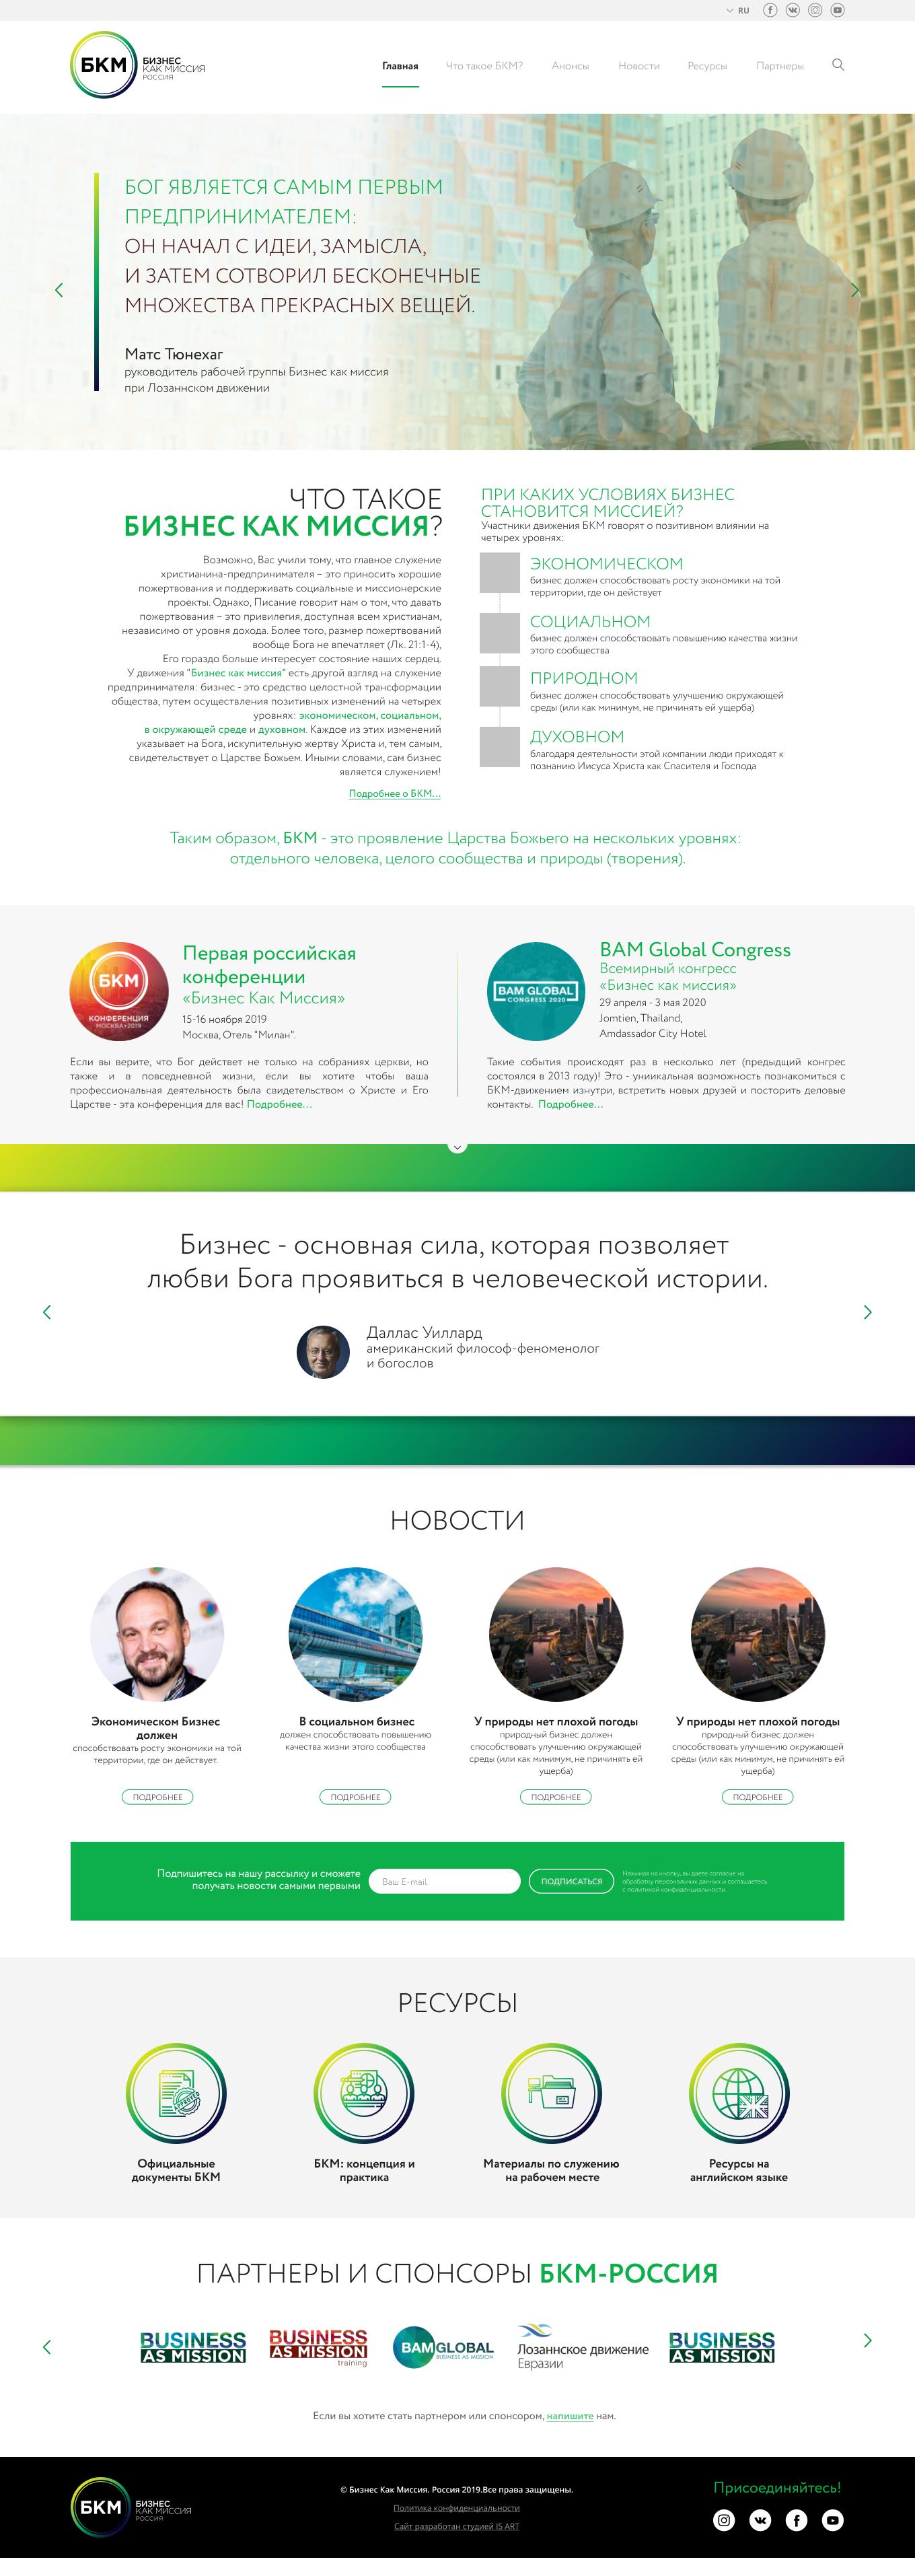 Макет сайта Бизнес как Миссия 1